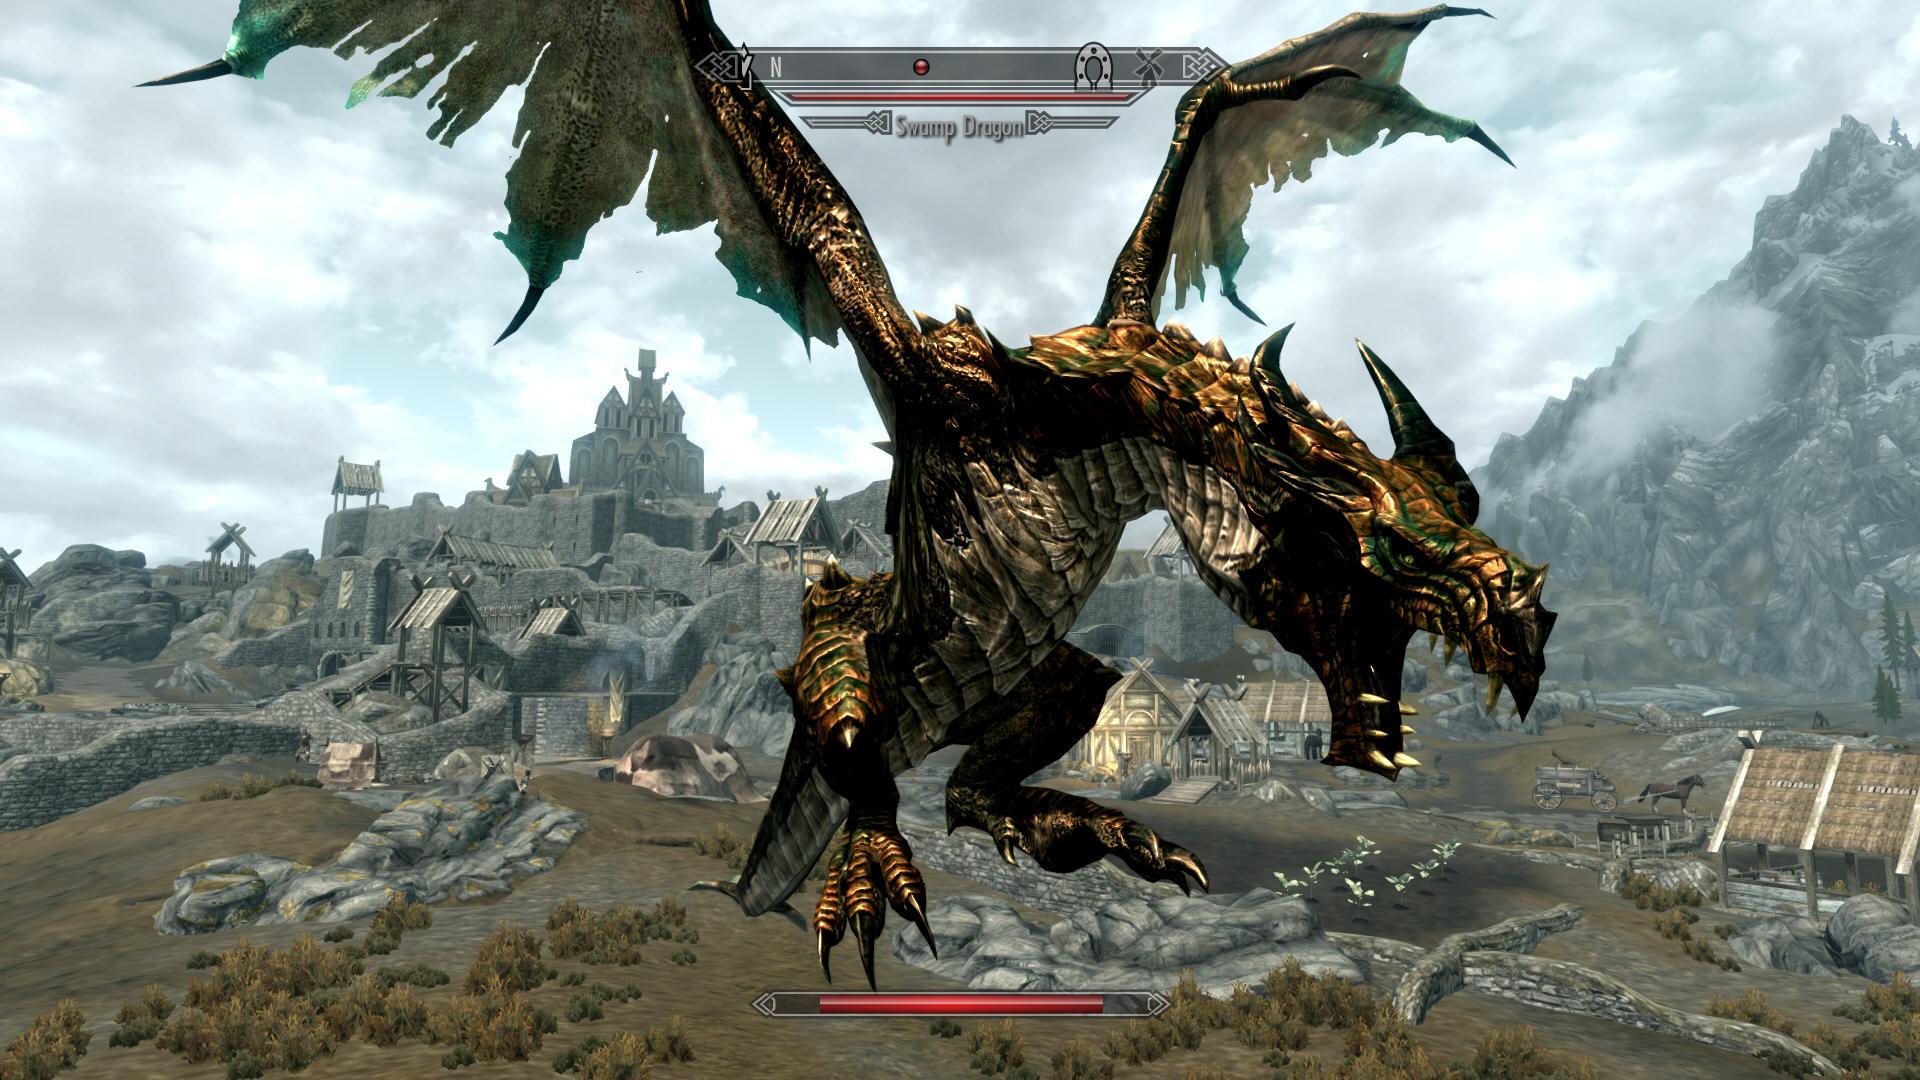 Скачать мод на скайрим на драконов